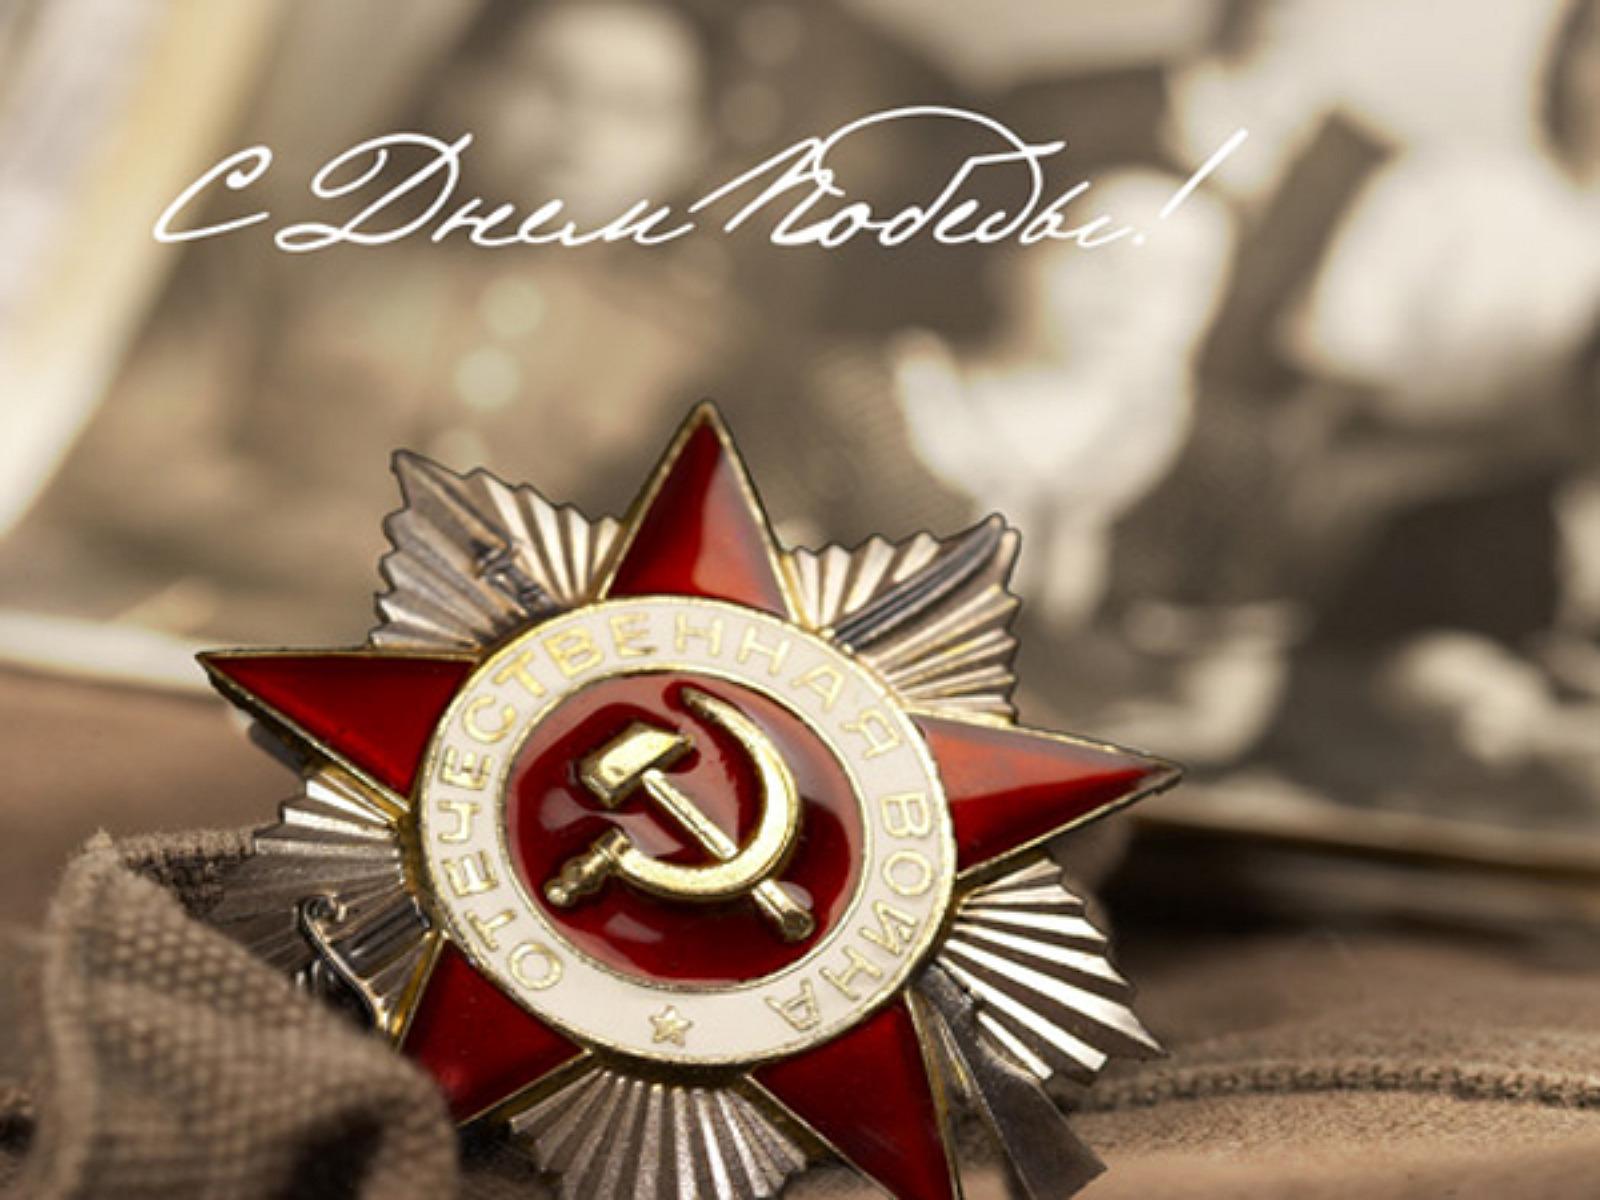 С Днём Победы, Дорогие коллеги!